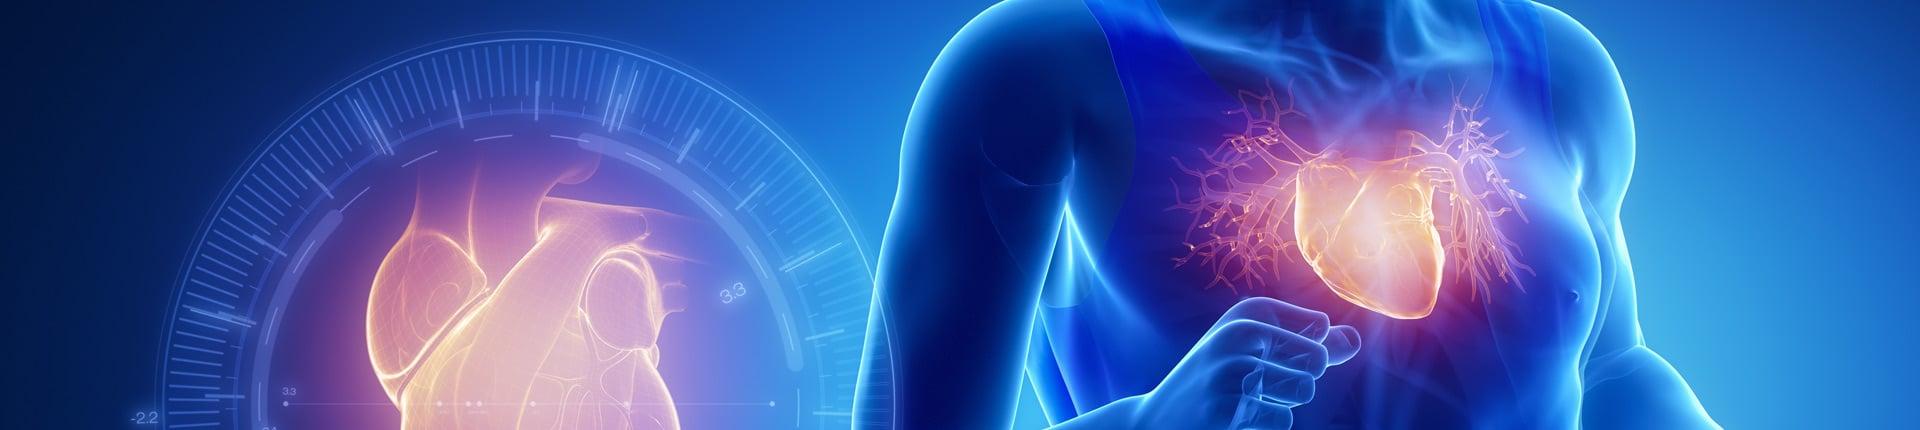 Serce sportowca - Athletic heart. Czym jest zespół serca atlety?